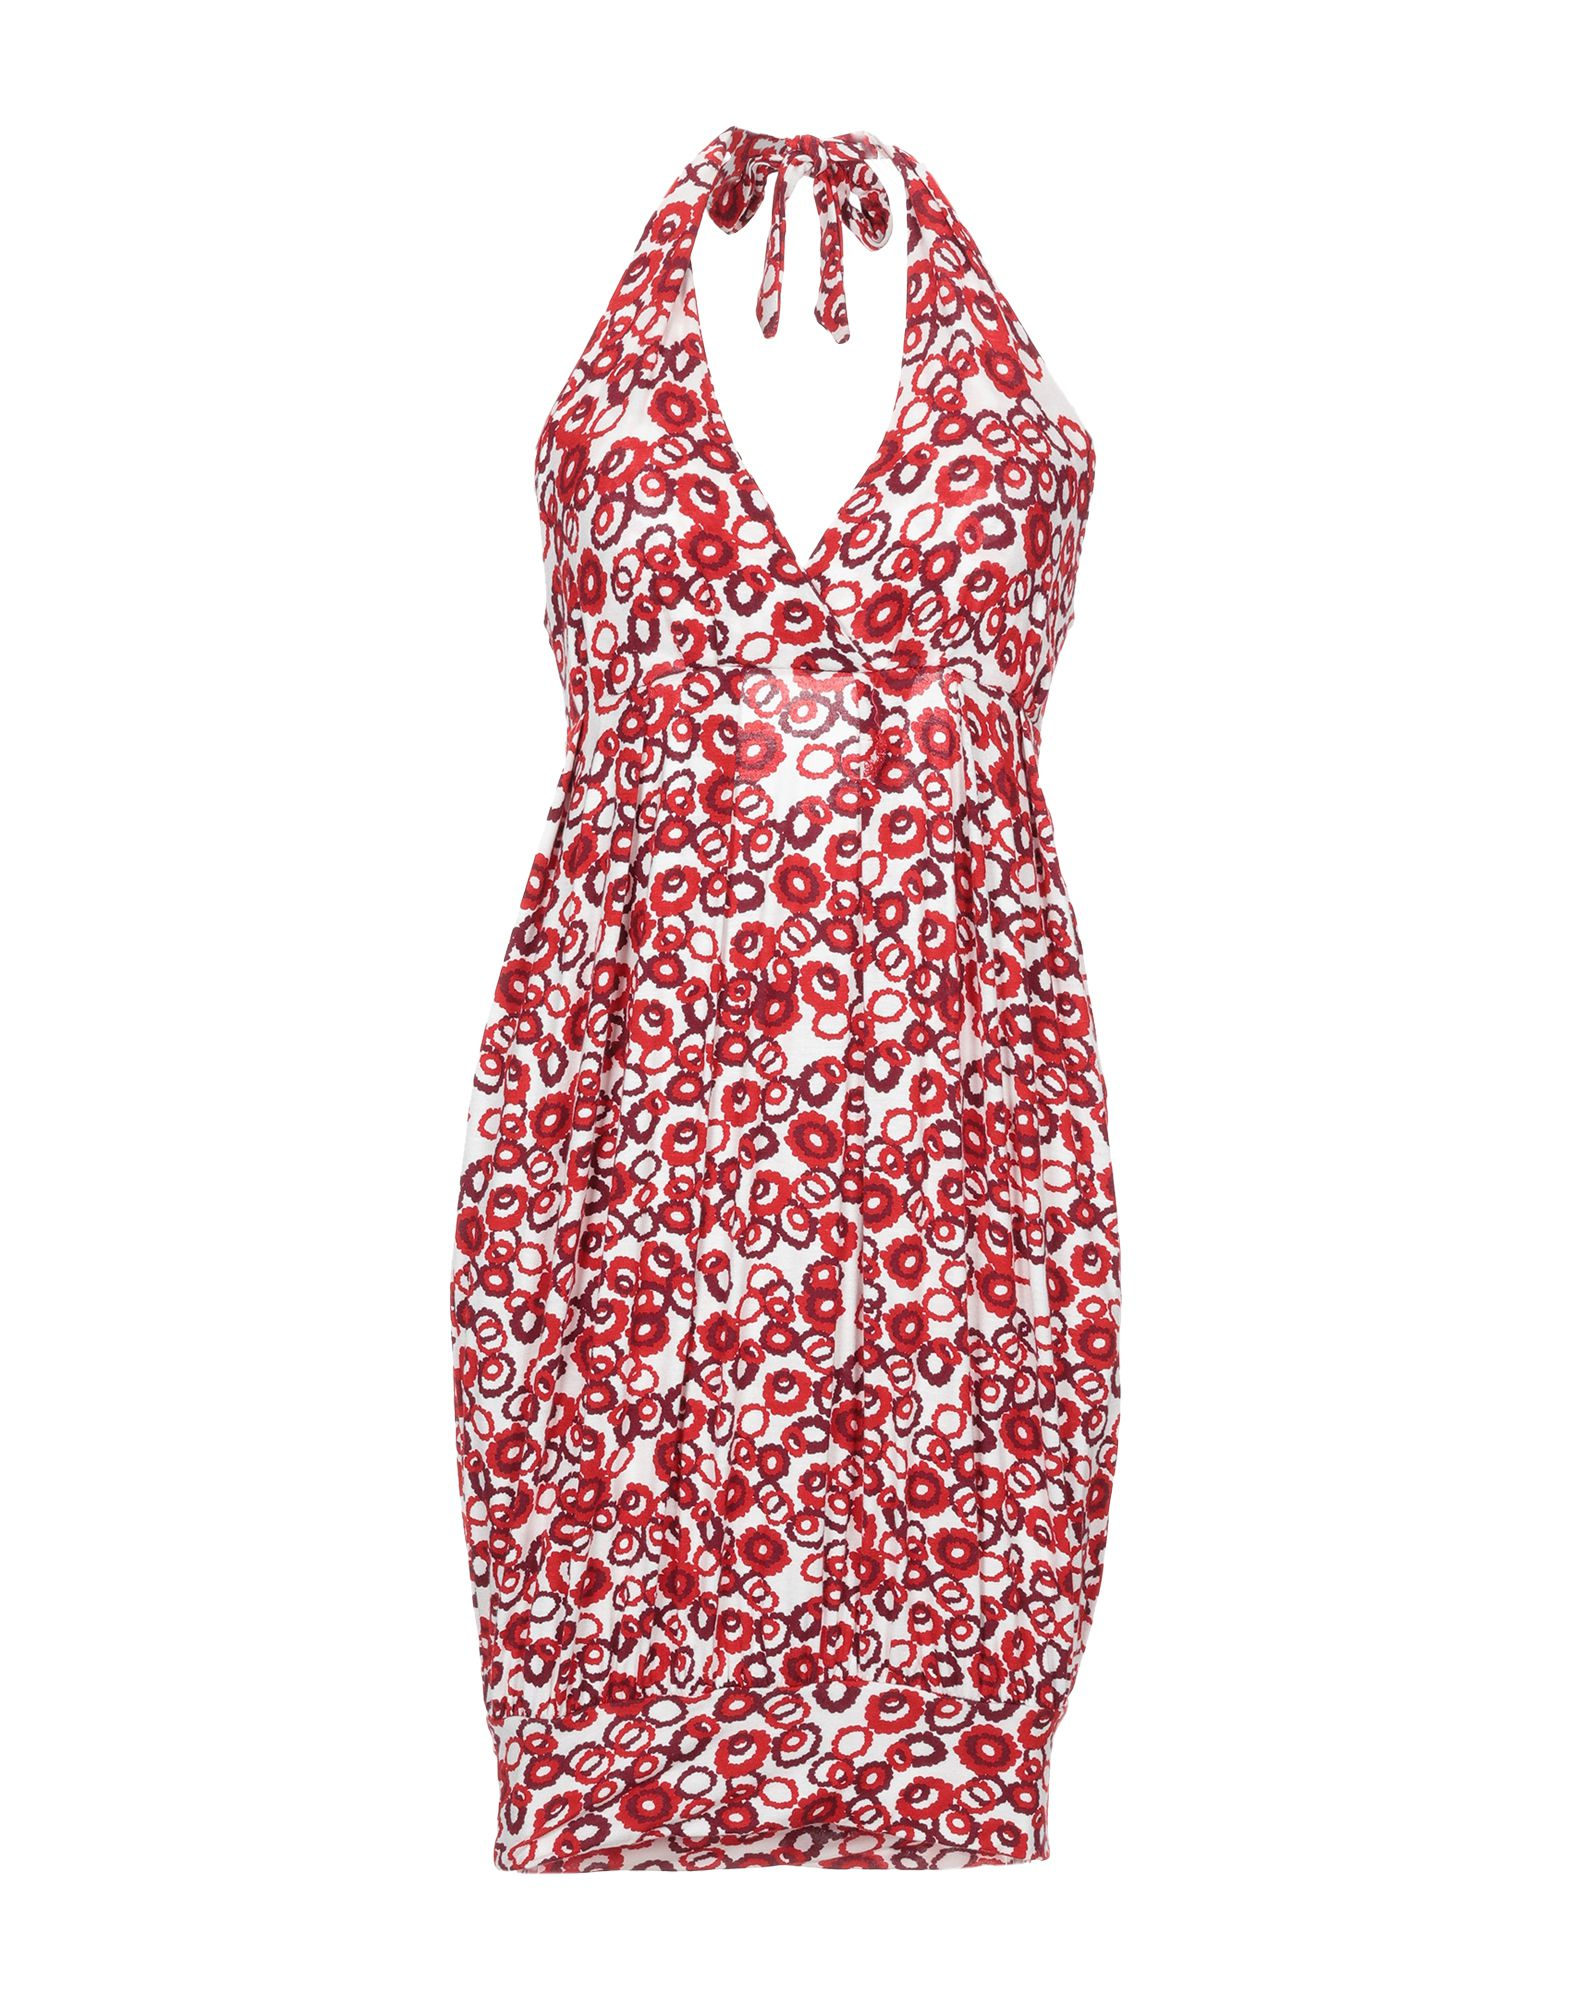 FRANCESCA FERRANTE Платье до колена набор корзин плетеных ива d20хh10 24см d15 5xh9 20см 2 шт 913126